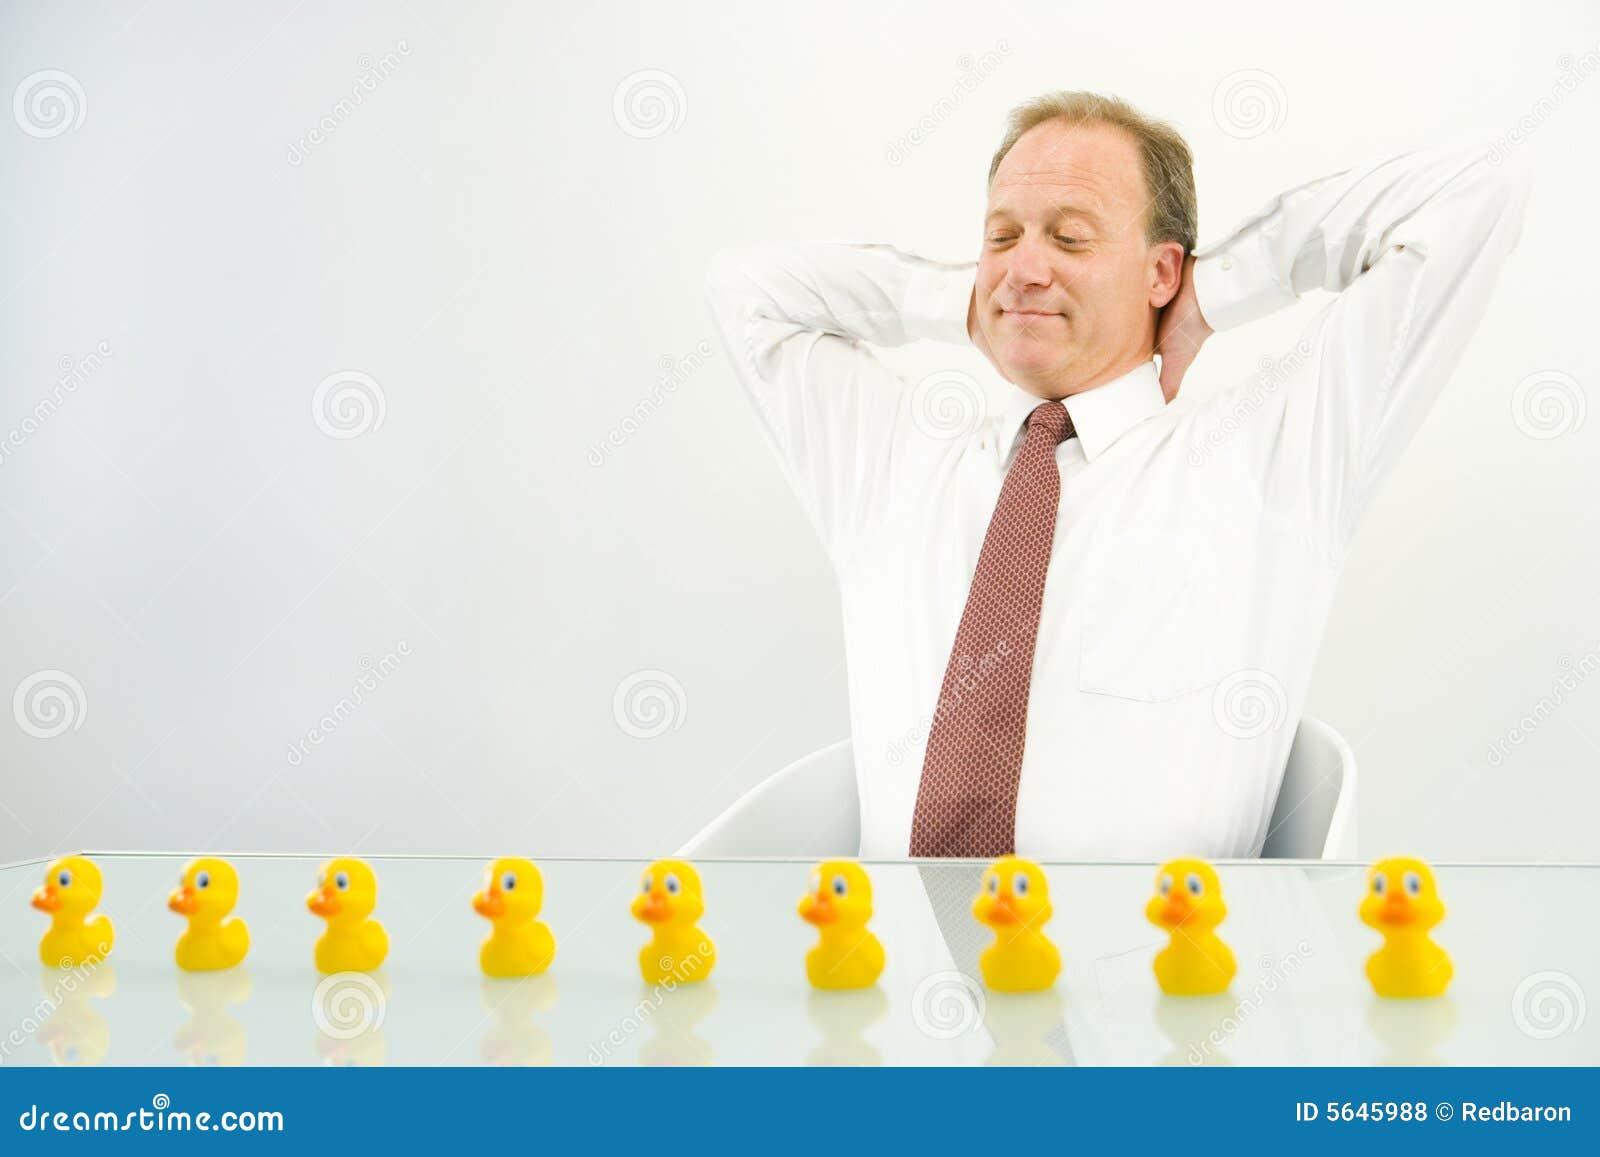 Mann mit Enten in der Reihe